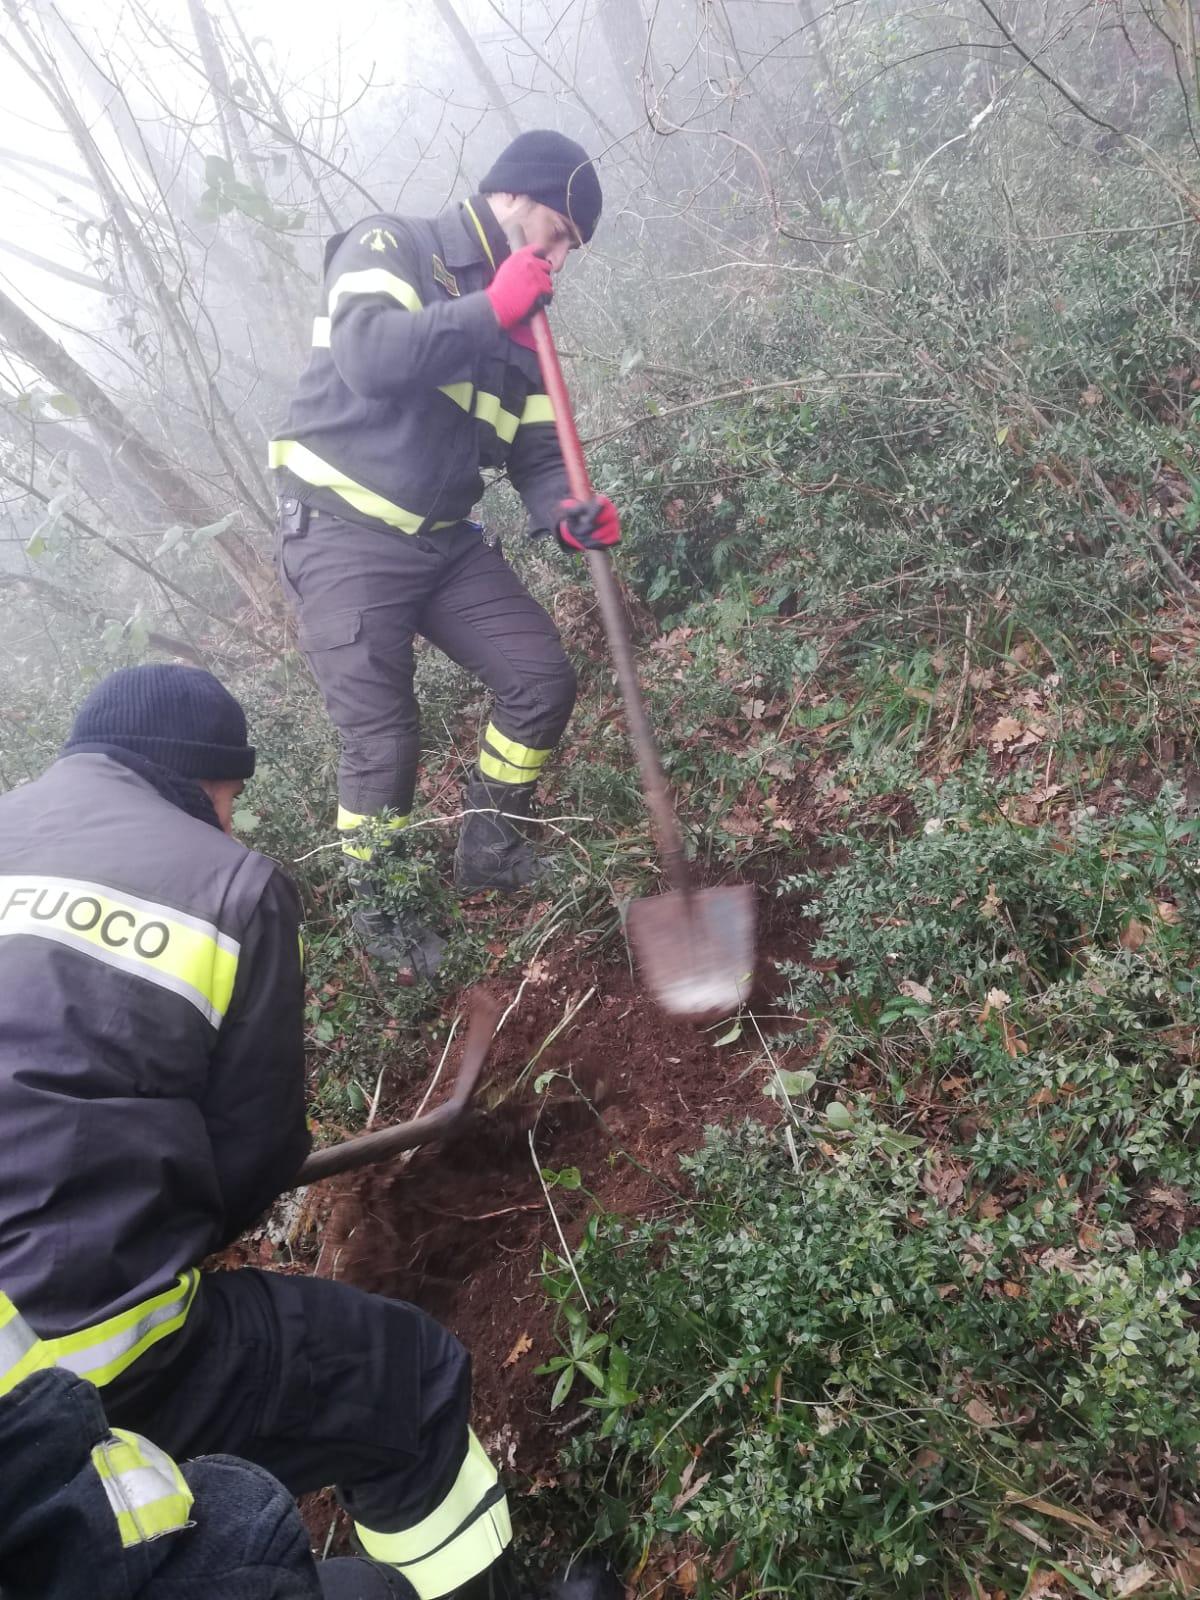 Solopaca| Vigili del fuoco mettono in salvo due cagnolini/VIDEO E FOTO